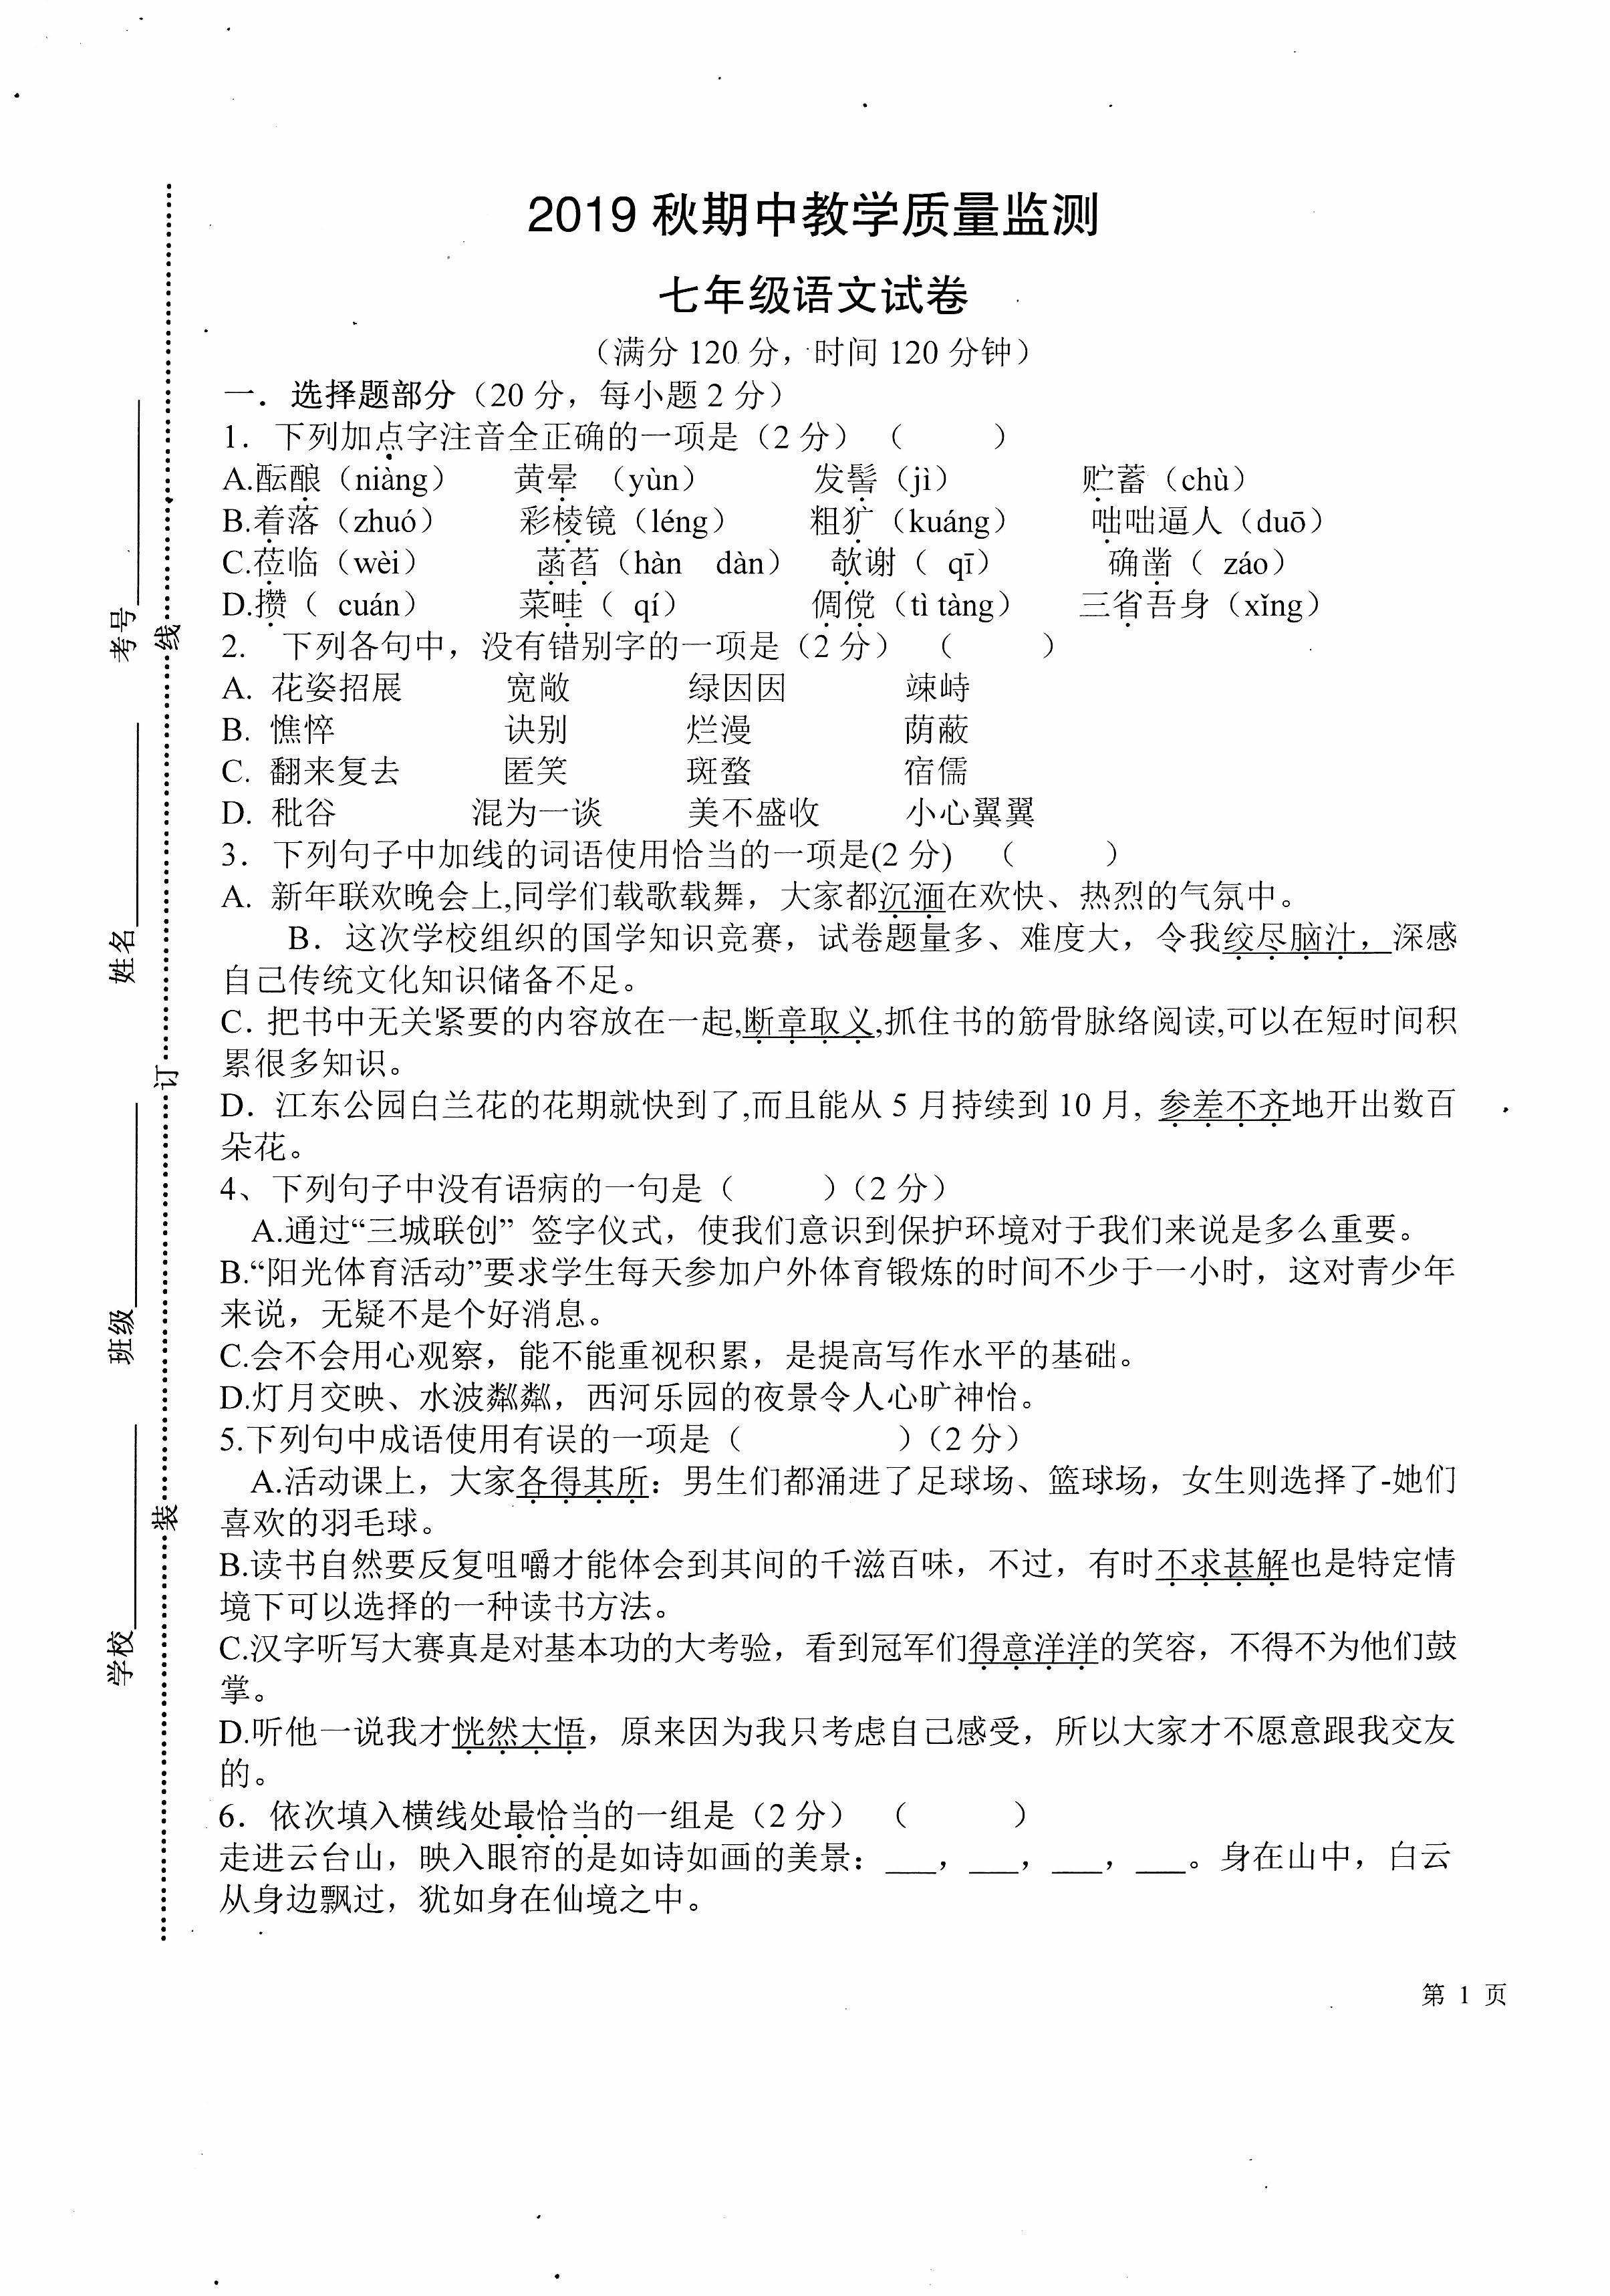 2019-2020南充市嘉陵区七年级语文上册期中试题含答案